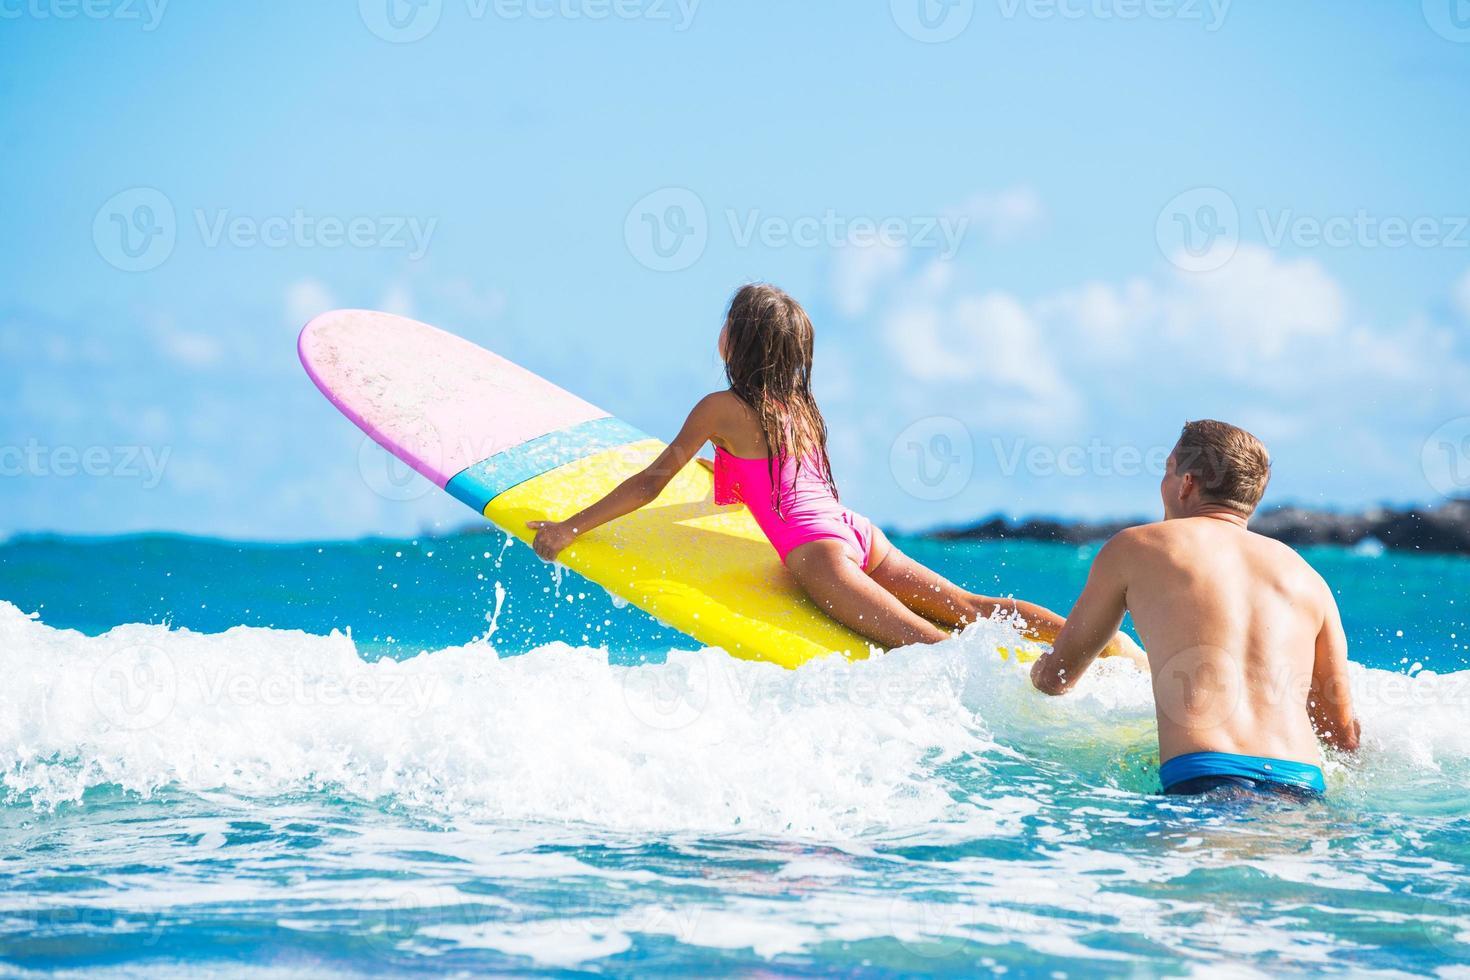 vader en duaghter samen surfen foto